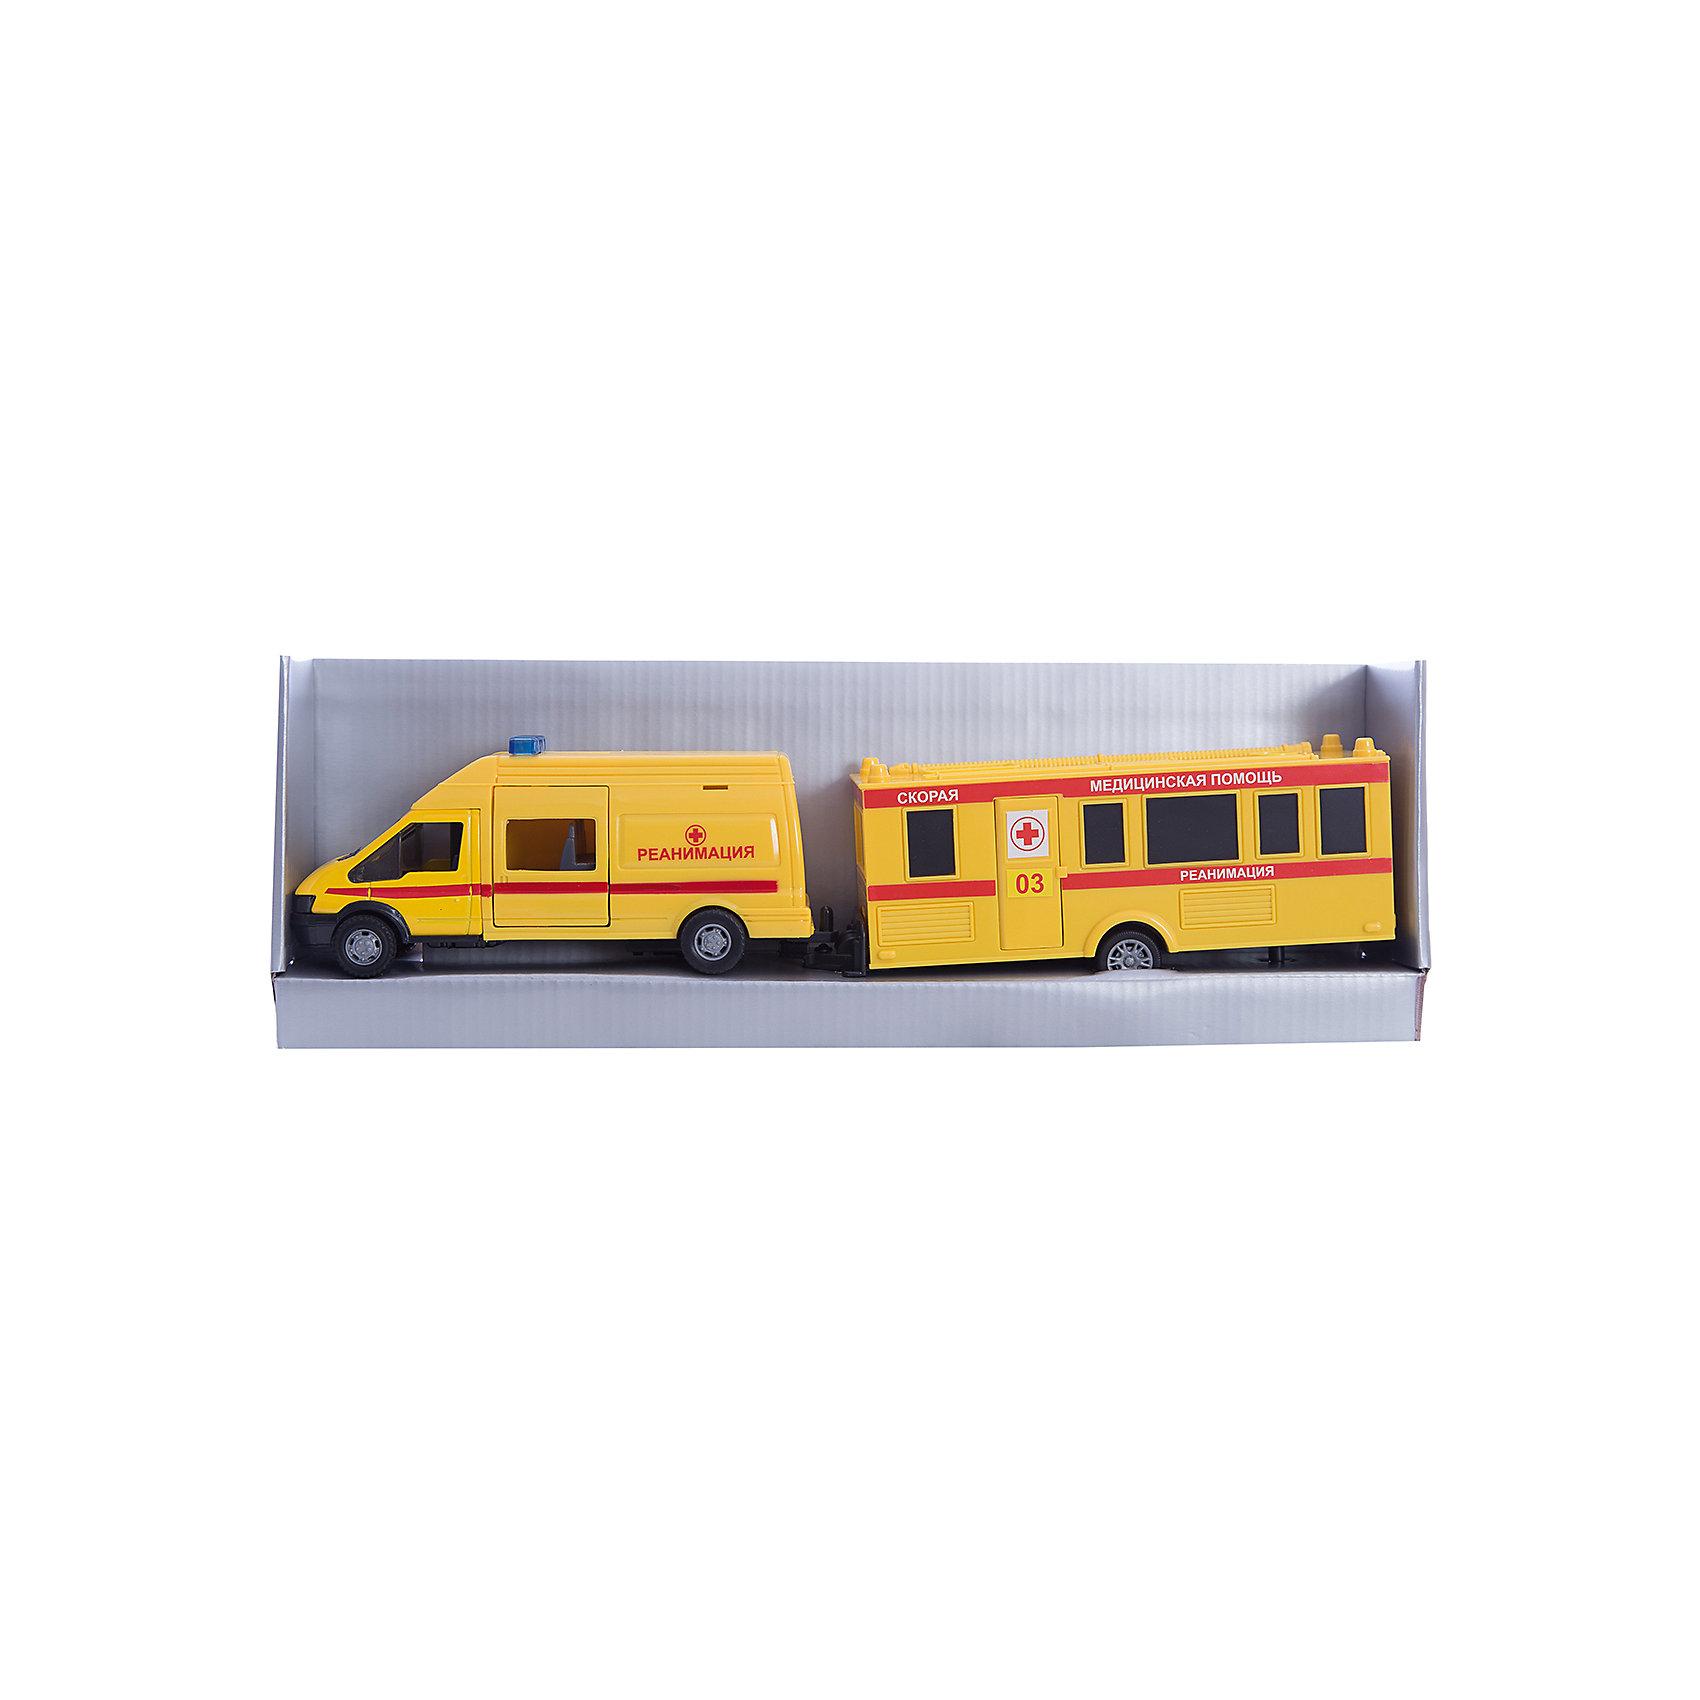 Машинка Rescue Van скорая помощь с прицепом 1:48, AutotimeМашинки<br>Характеристики товара:<br><br>• цвет: желтый<br>• возраст: от 3 лет<br>• материал: металл, пластик<br>• масштаб: 1:48<br>• комплектация: машина, прицеп<br>• инерционная<br>• колеса вращаются<br>• размер упаковки: 35х6х11 см<br>• вес с упаковкой: 300 г<br>• страна бренда: Россия, Китай<br>• страна изготовитель: Китай<br><br>Эта модель представляет собой миниатюрную копию реально существующей машины скорой помощи с прицепом. Она отличается высокой детализацией, является коллекционной моделью. <br><br>Сделана машинка из прочного и безопасного материала. Корпус - из металла и пластика.<br><br>Машинку «Rescue Van скорая помощь с прицепом 1:48», Autotime (Автотайм) можно купить в нашем интернет-магазине.<br><br>Ширина мм: 362<br>Глубина мм: 114<br>Высота мм: 146<br>Вес г: 15<br>Возраст от месяцев: 36<br>Возраст до месяцев: 2147483647<br>Пол: Мужской<br>Возраст: Детский<br>SKU: 5584151